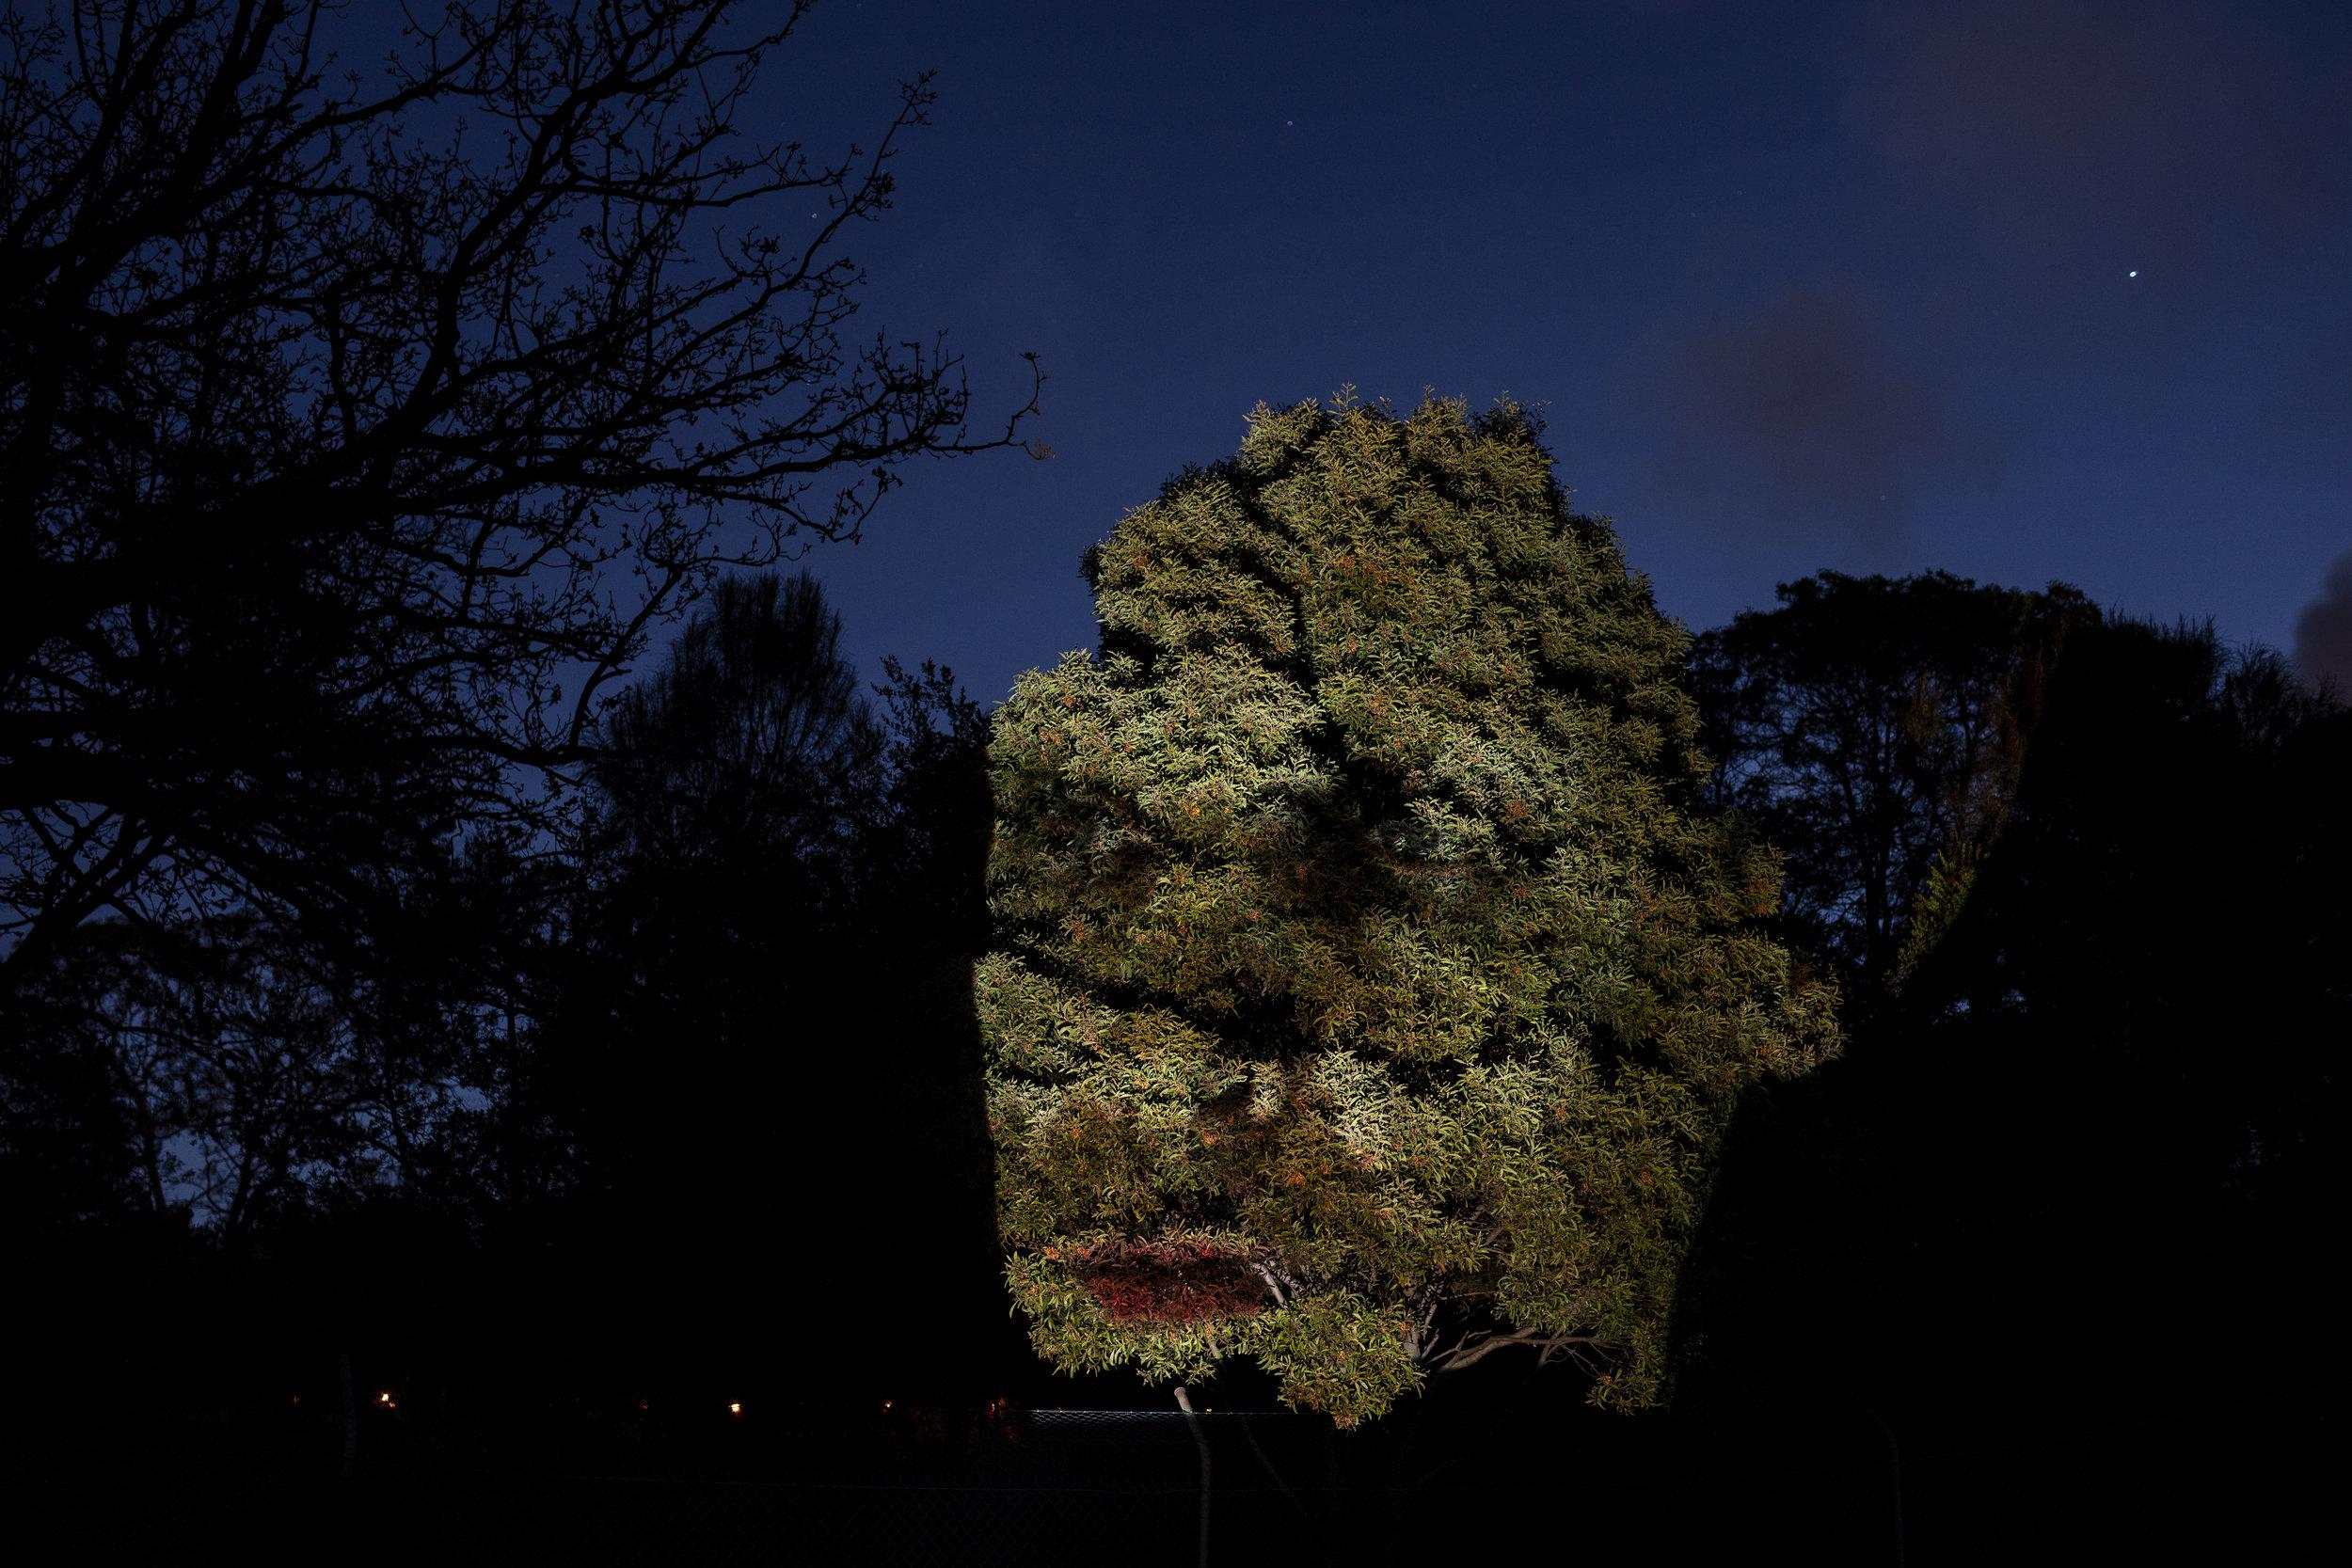 Photo Credit: Dark Mofo/Rémi Chauvin, 2019 Image Courtesy Dark Mofo, Hobart, Tasmania, Australia